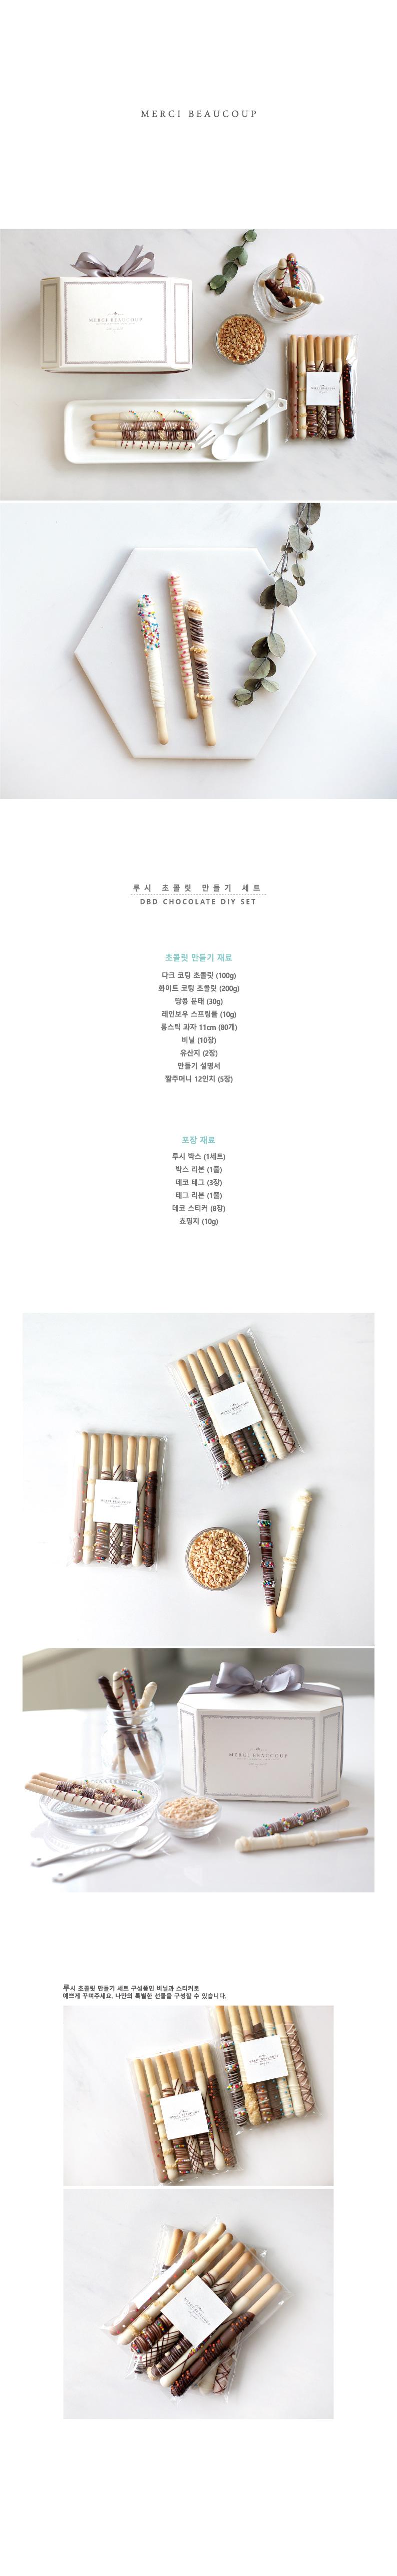 초콜릿 만들기 세트 - Lucy - 디비디, 28,000원, DIY세트, 막대과자 만들기